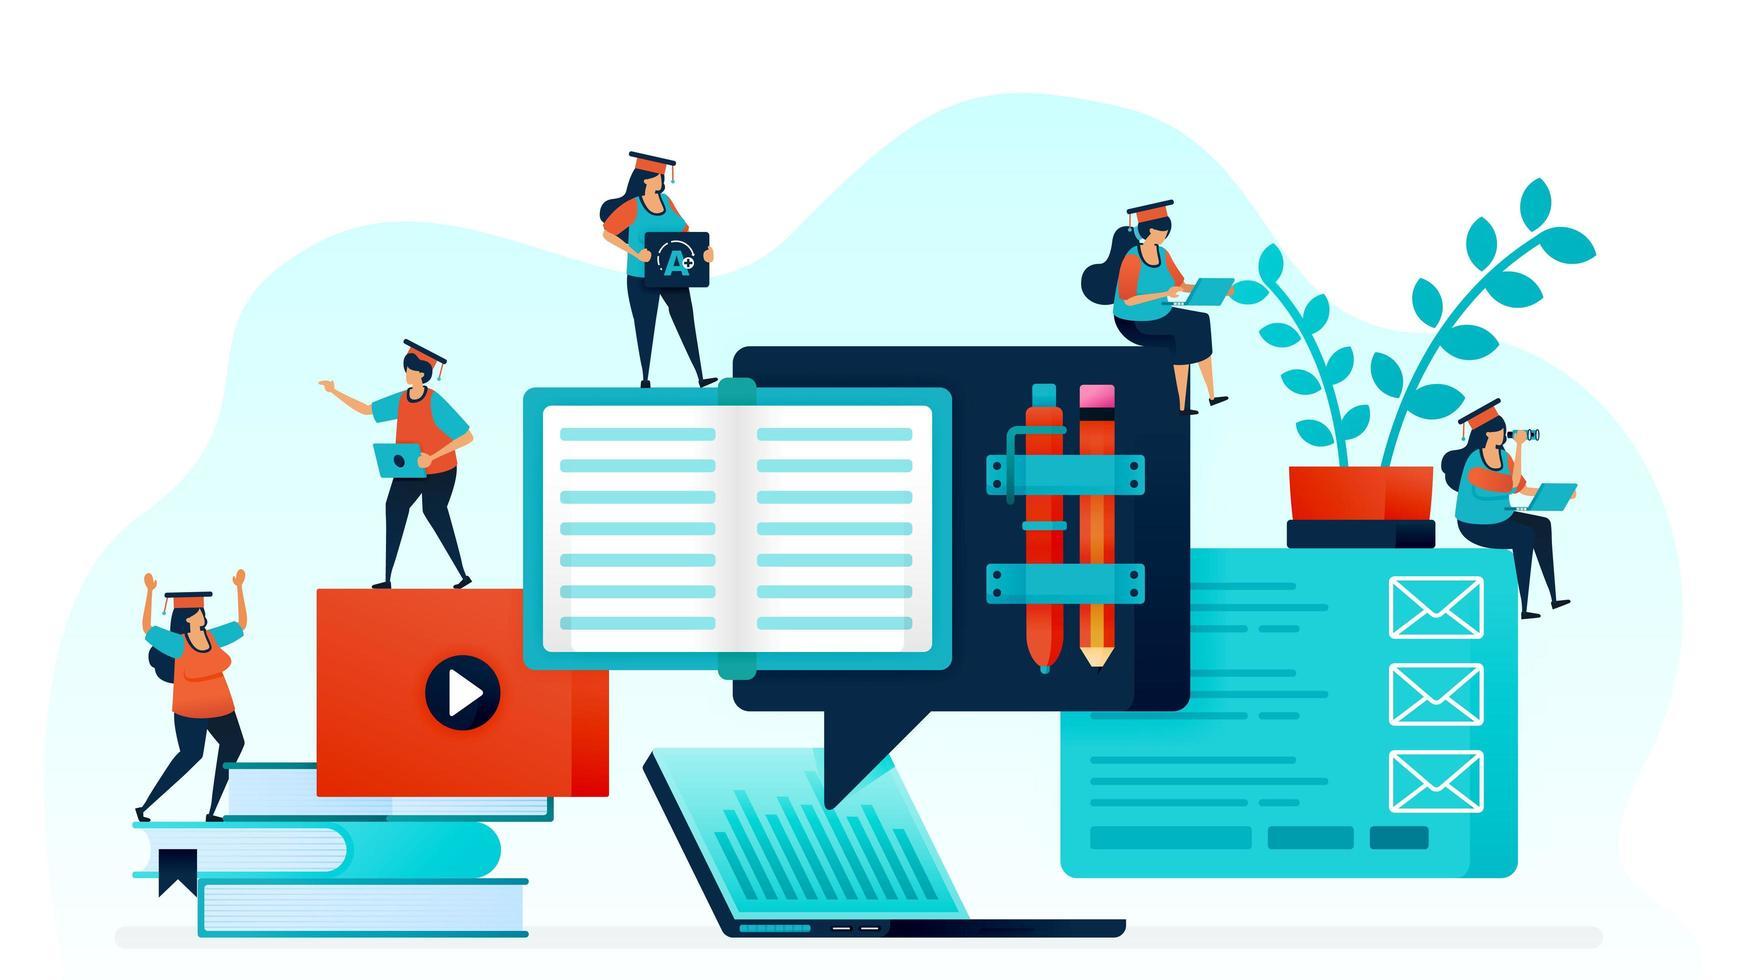 vectorillustratie van e-learning maakt het gemakkelijk voor studenten om te leren. afstandsonderwijs met laptop en internet. online thuiswerk, cursussen en studie voor open kennis. briefpapier en stapel boek vector